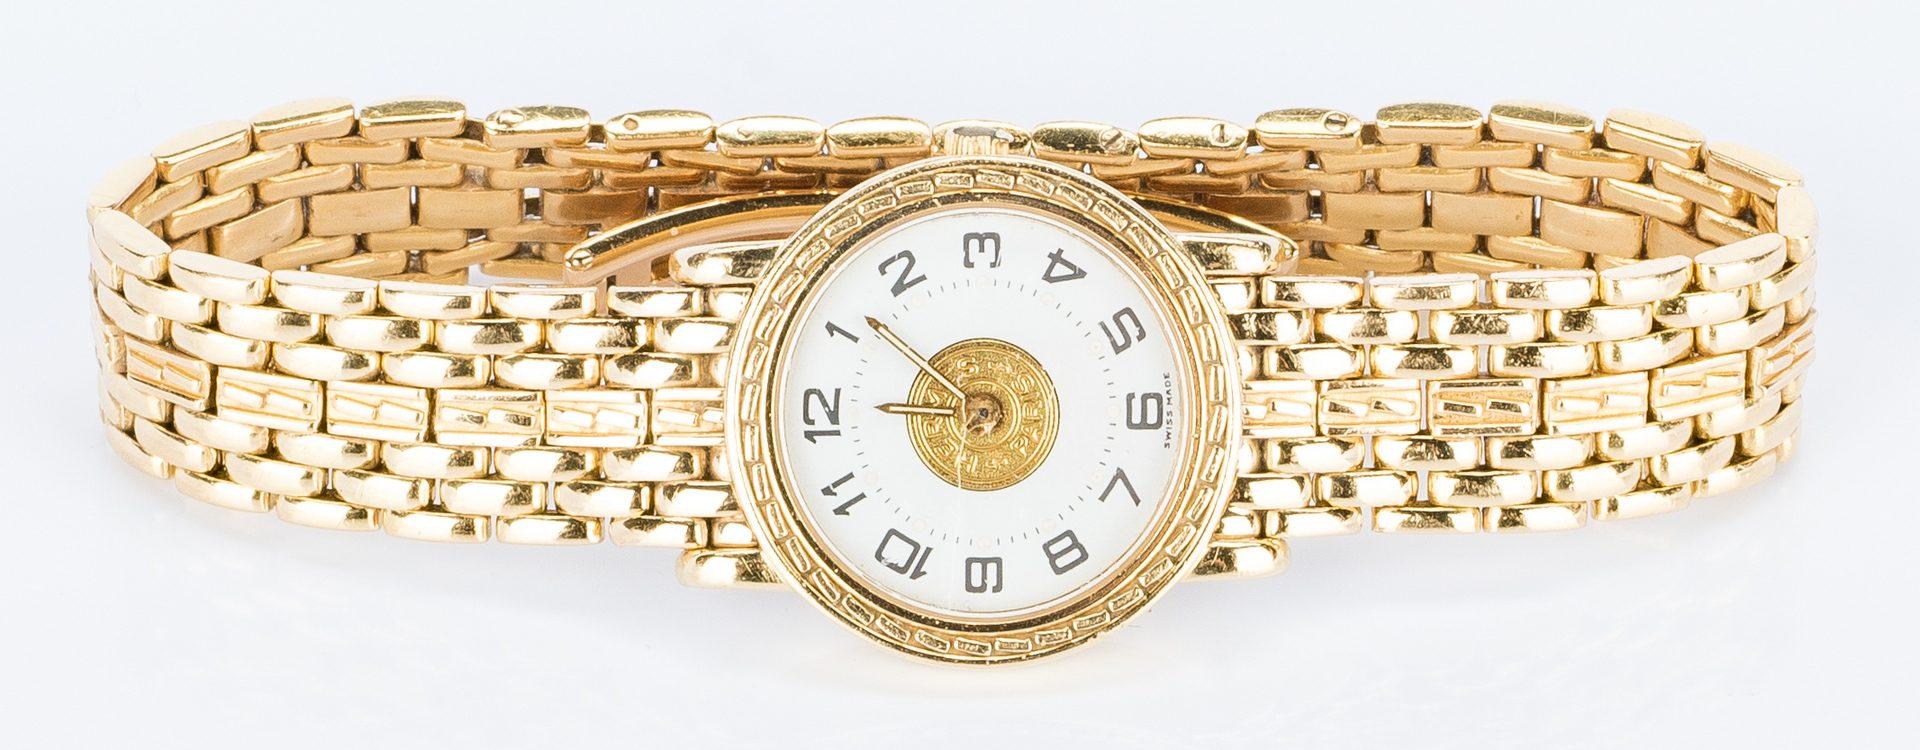 Lot 394: Lady's 18k Hermes Sellier Wrist Watch